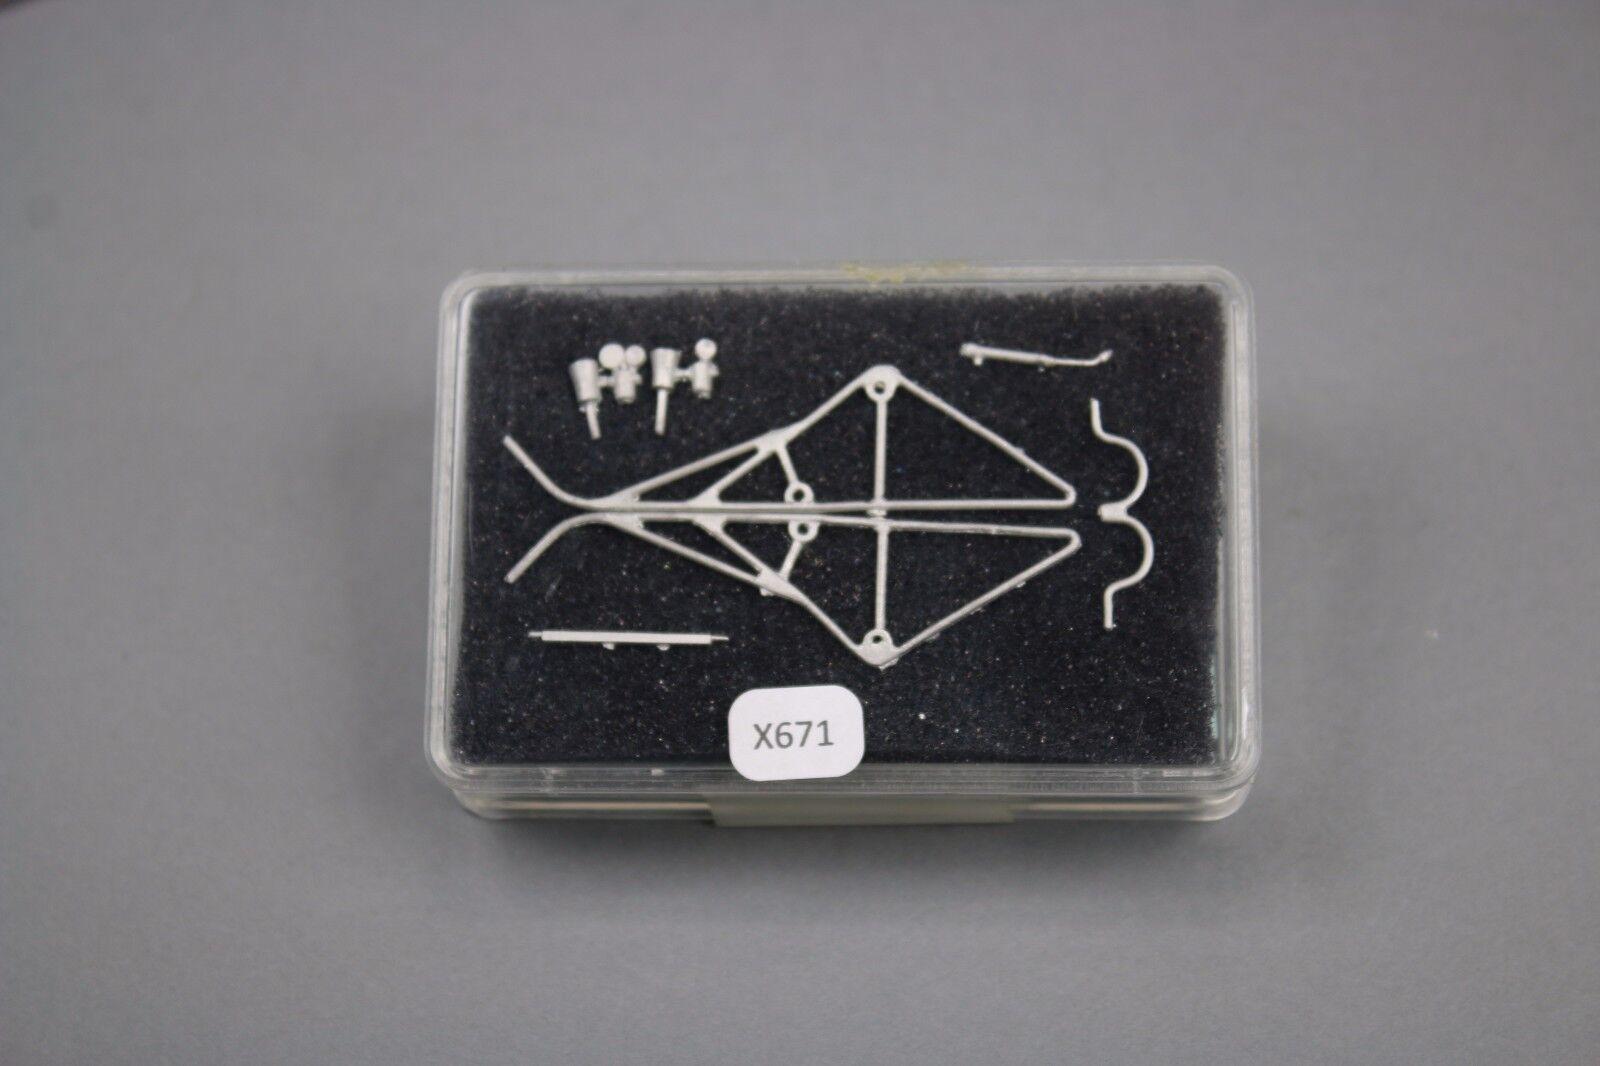 X671 Gecomodellolo modellolino 143 e 43 210 autorozza Saldatore Acethylene Saldatura